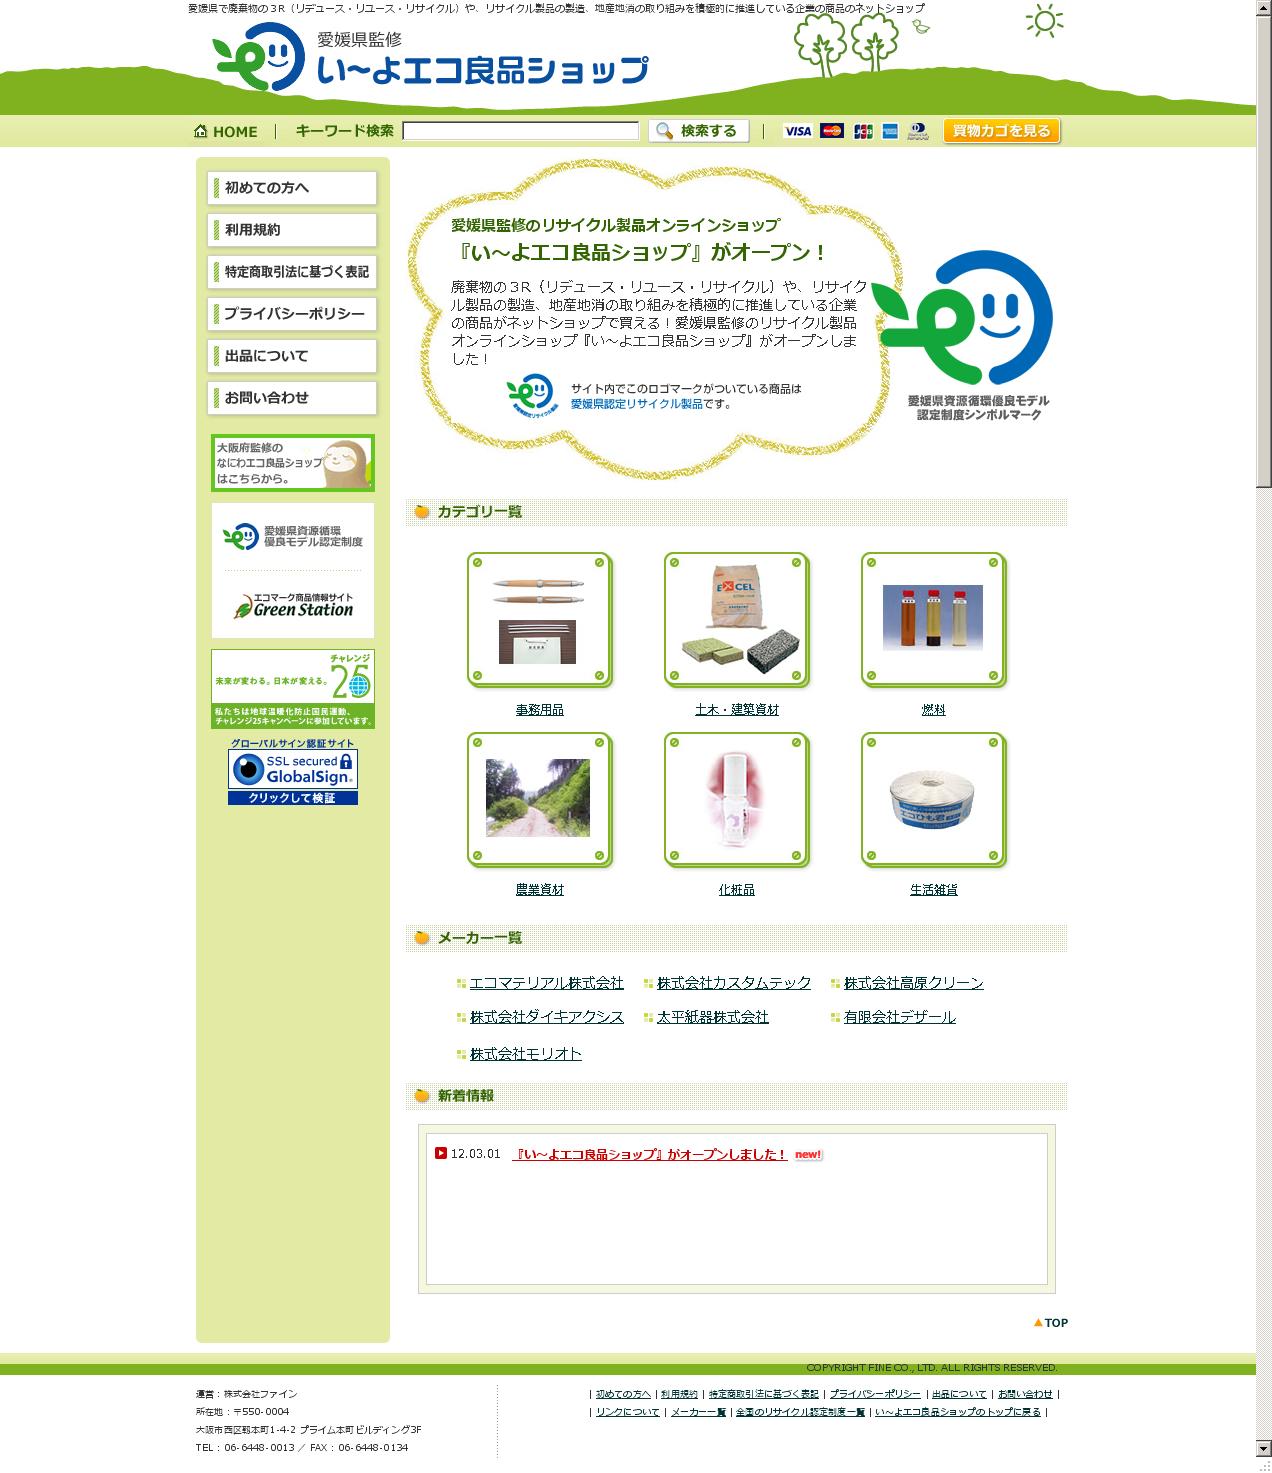 株式会社ファインのプレスリリースアイキャッチ画像